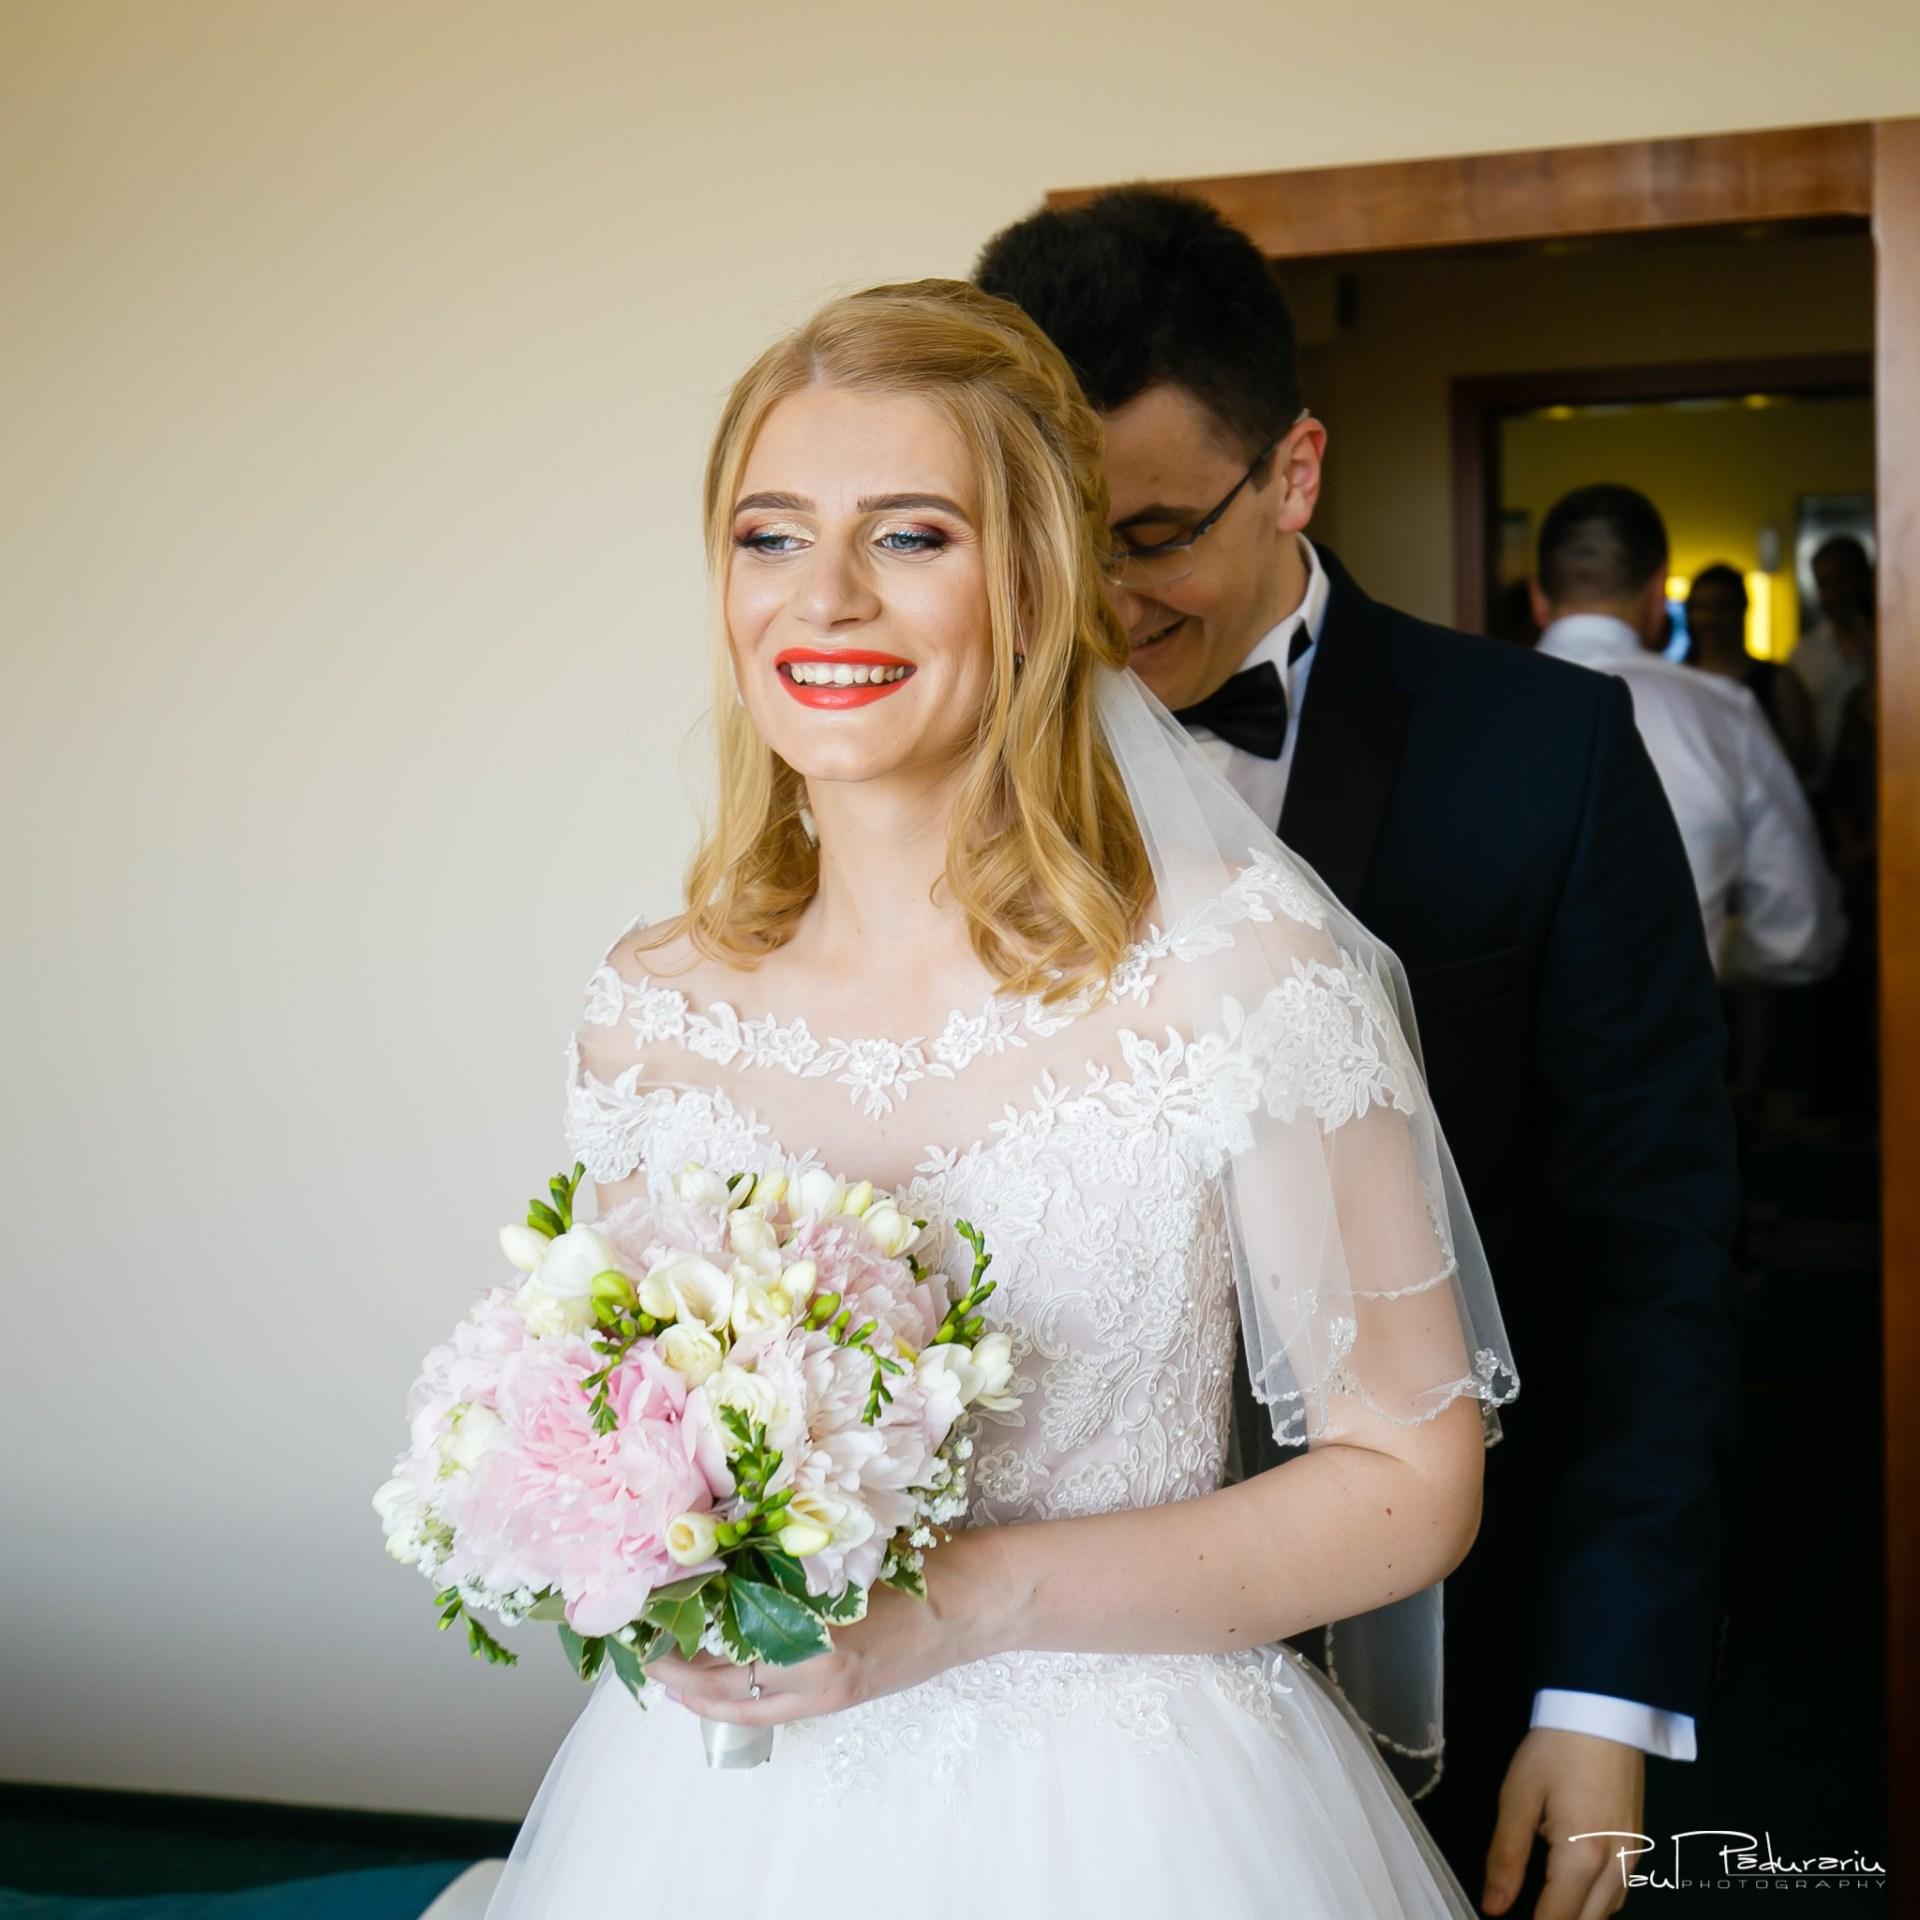 Anca si Razvan - Nunta Restaurant American Iasi reintalnire miri - paulpadurariu.ro - Paul Padurariu fotograf profesionist nunta iasi 2018